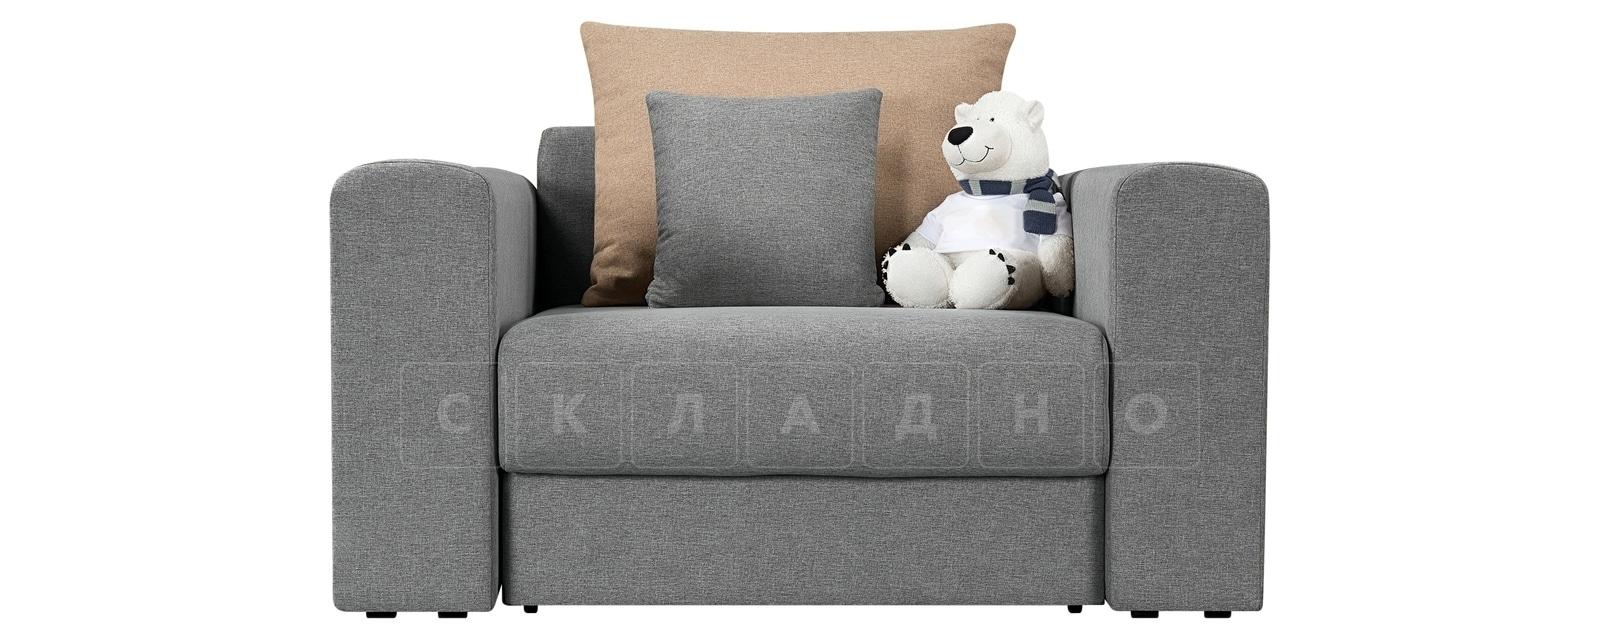 Кресло Медисон 80 см серого цвета фото 3 | интернет-магазин Складно